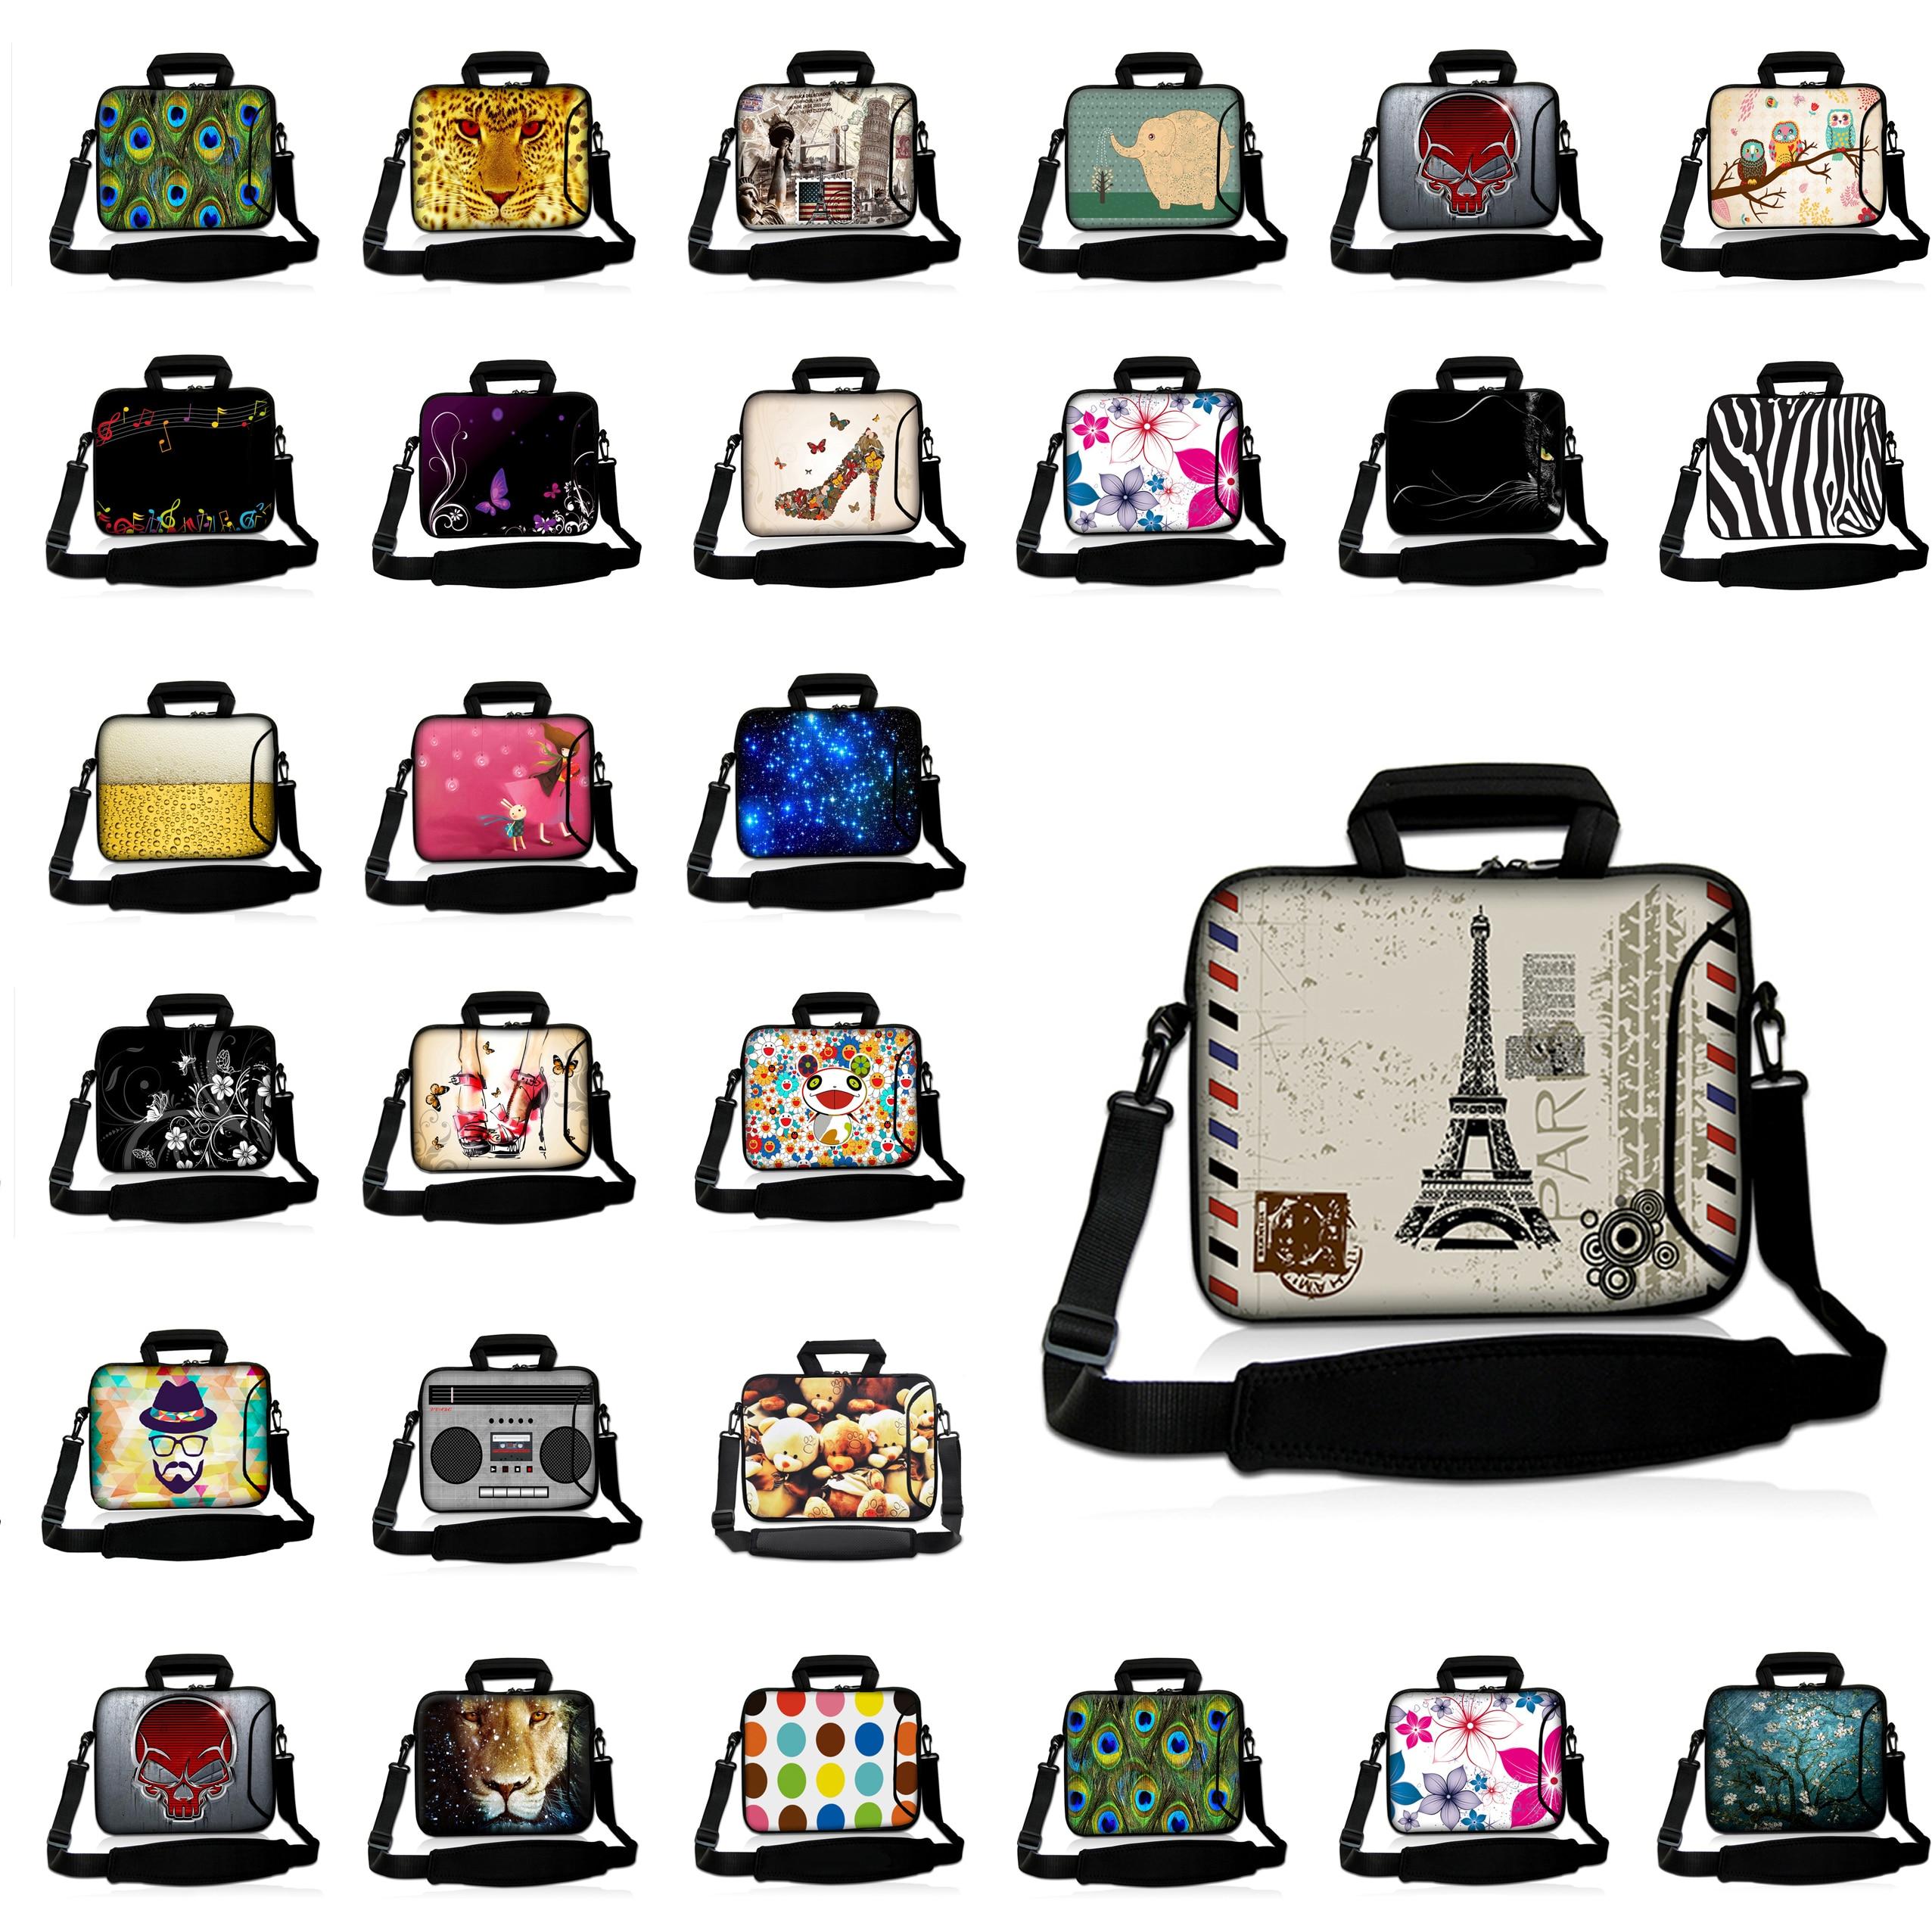 Paris Style 10 12 13 14 15 17 Notebook Messenger Bag Laptop Handle Cases For Macbook Lenovo Acer Asus Dell IBM HP+Shoulder Strap